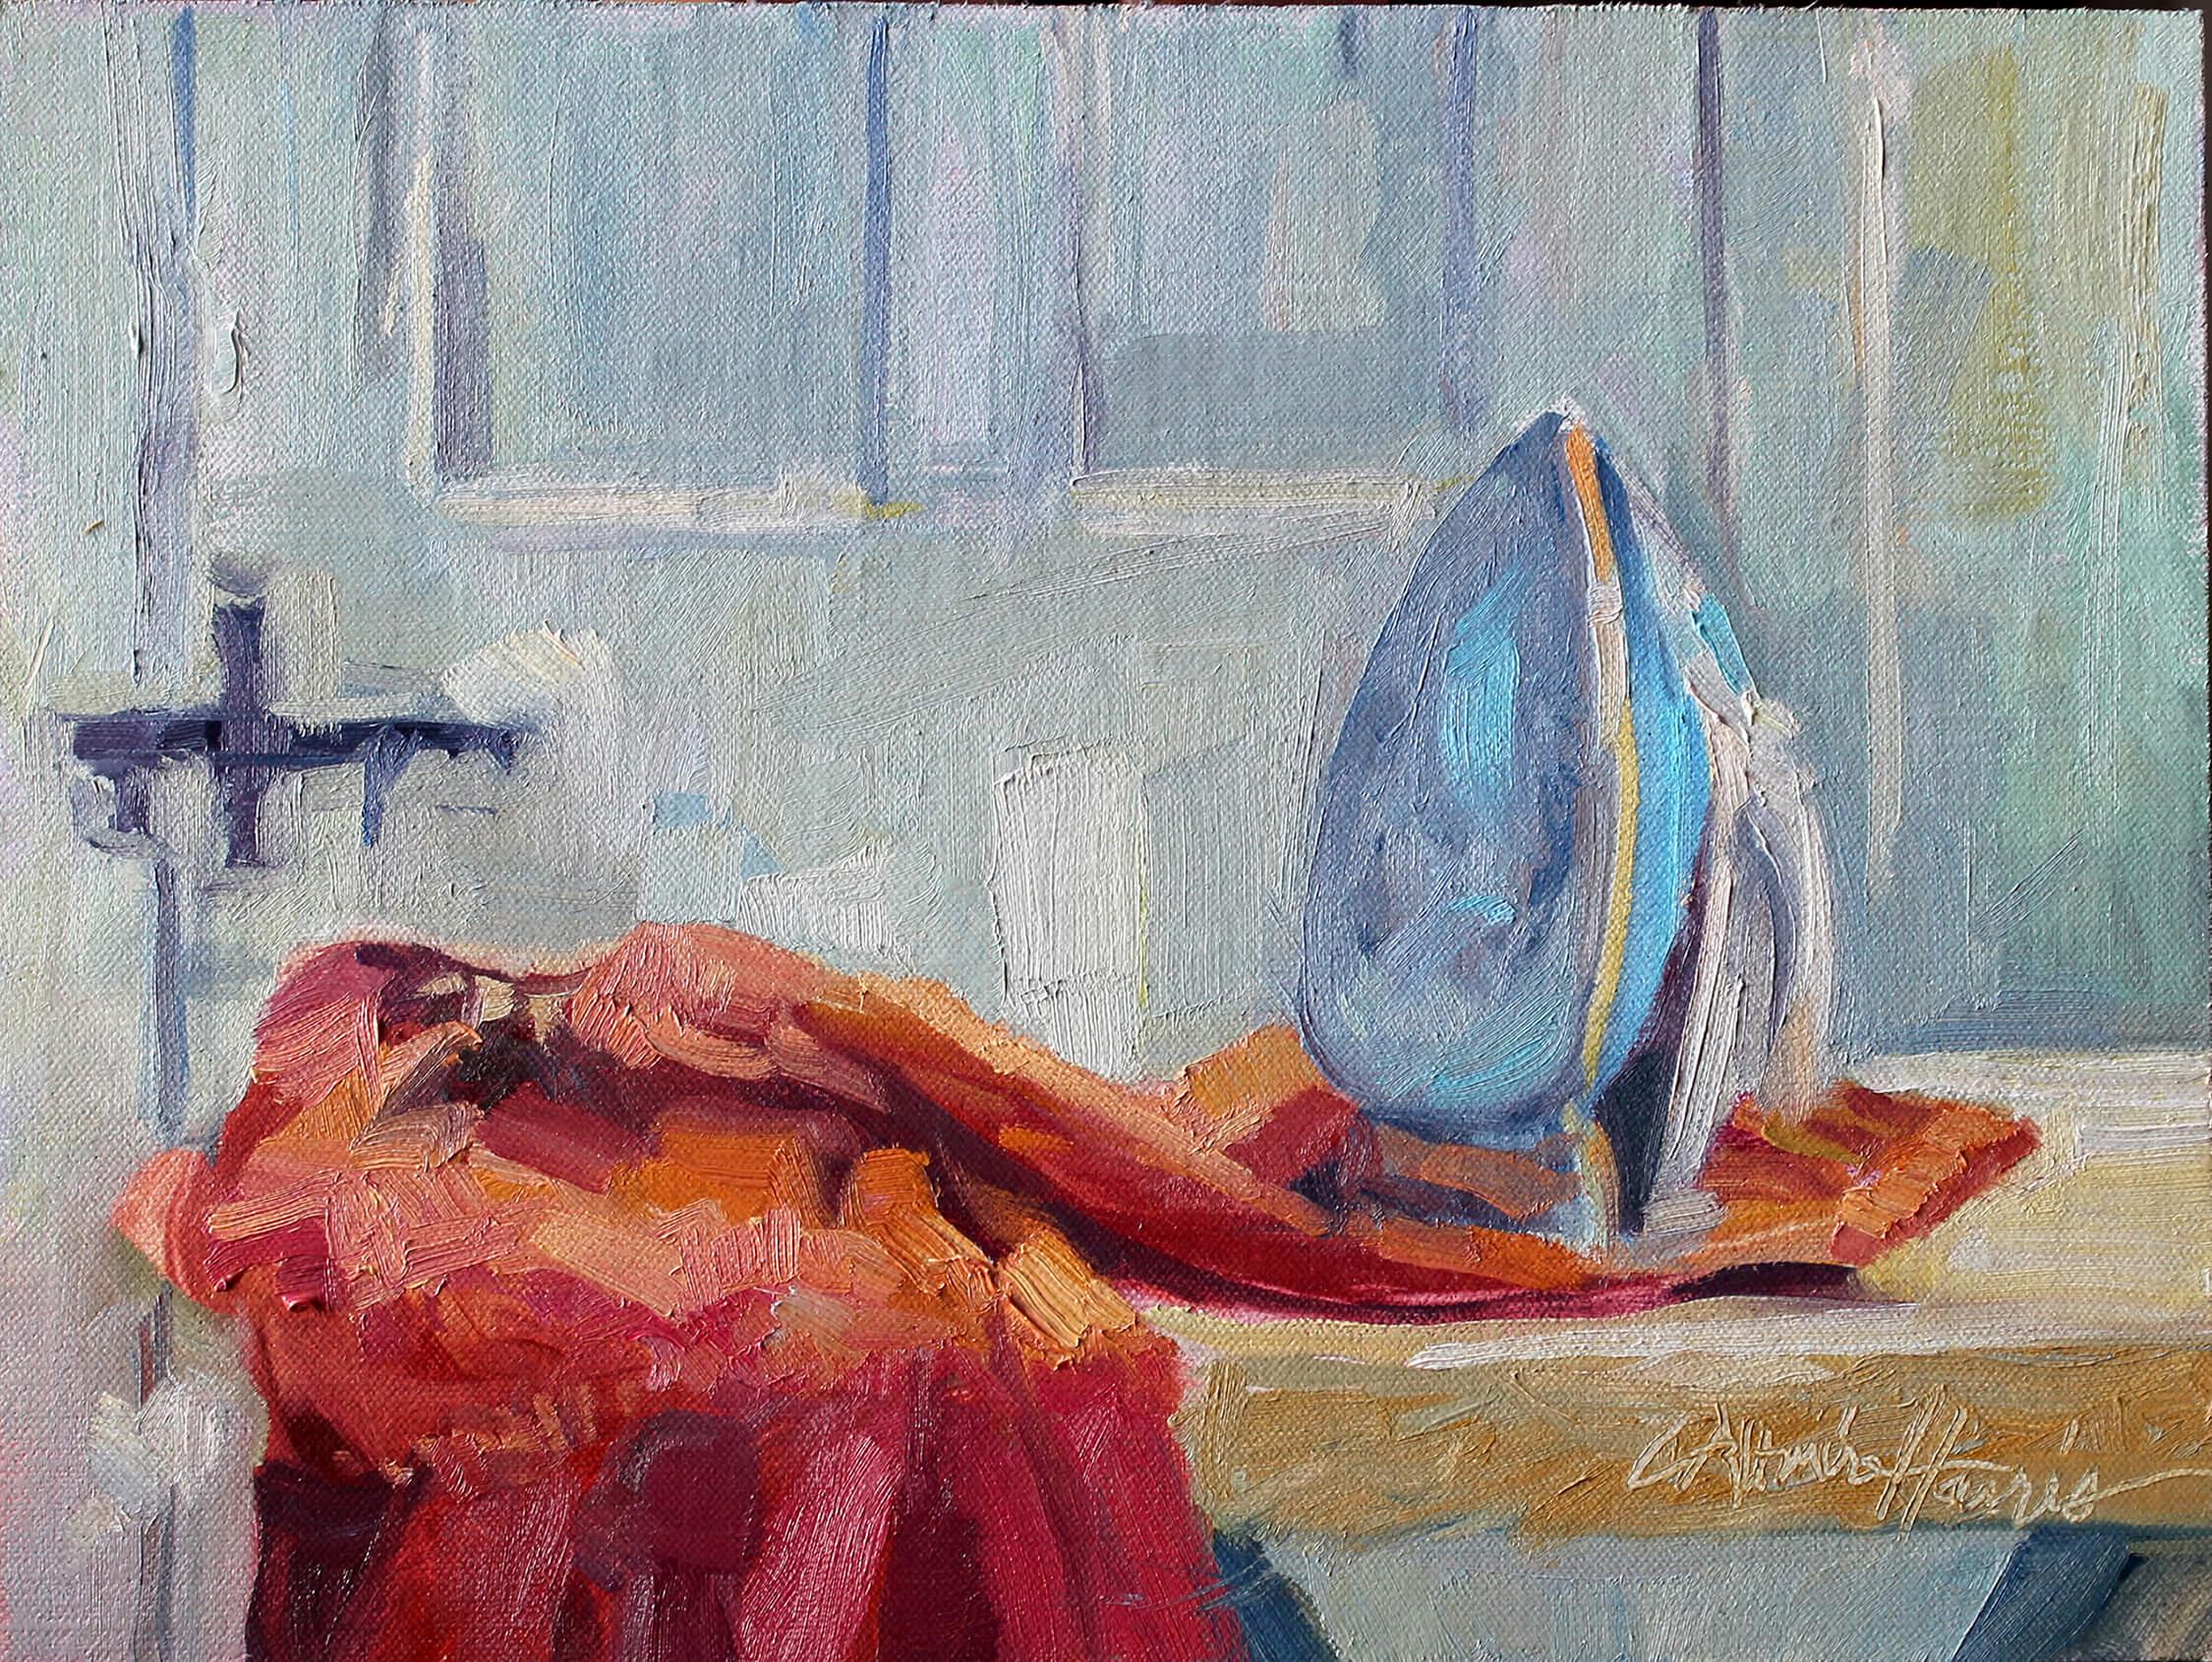 Ironing on a Sunday*